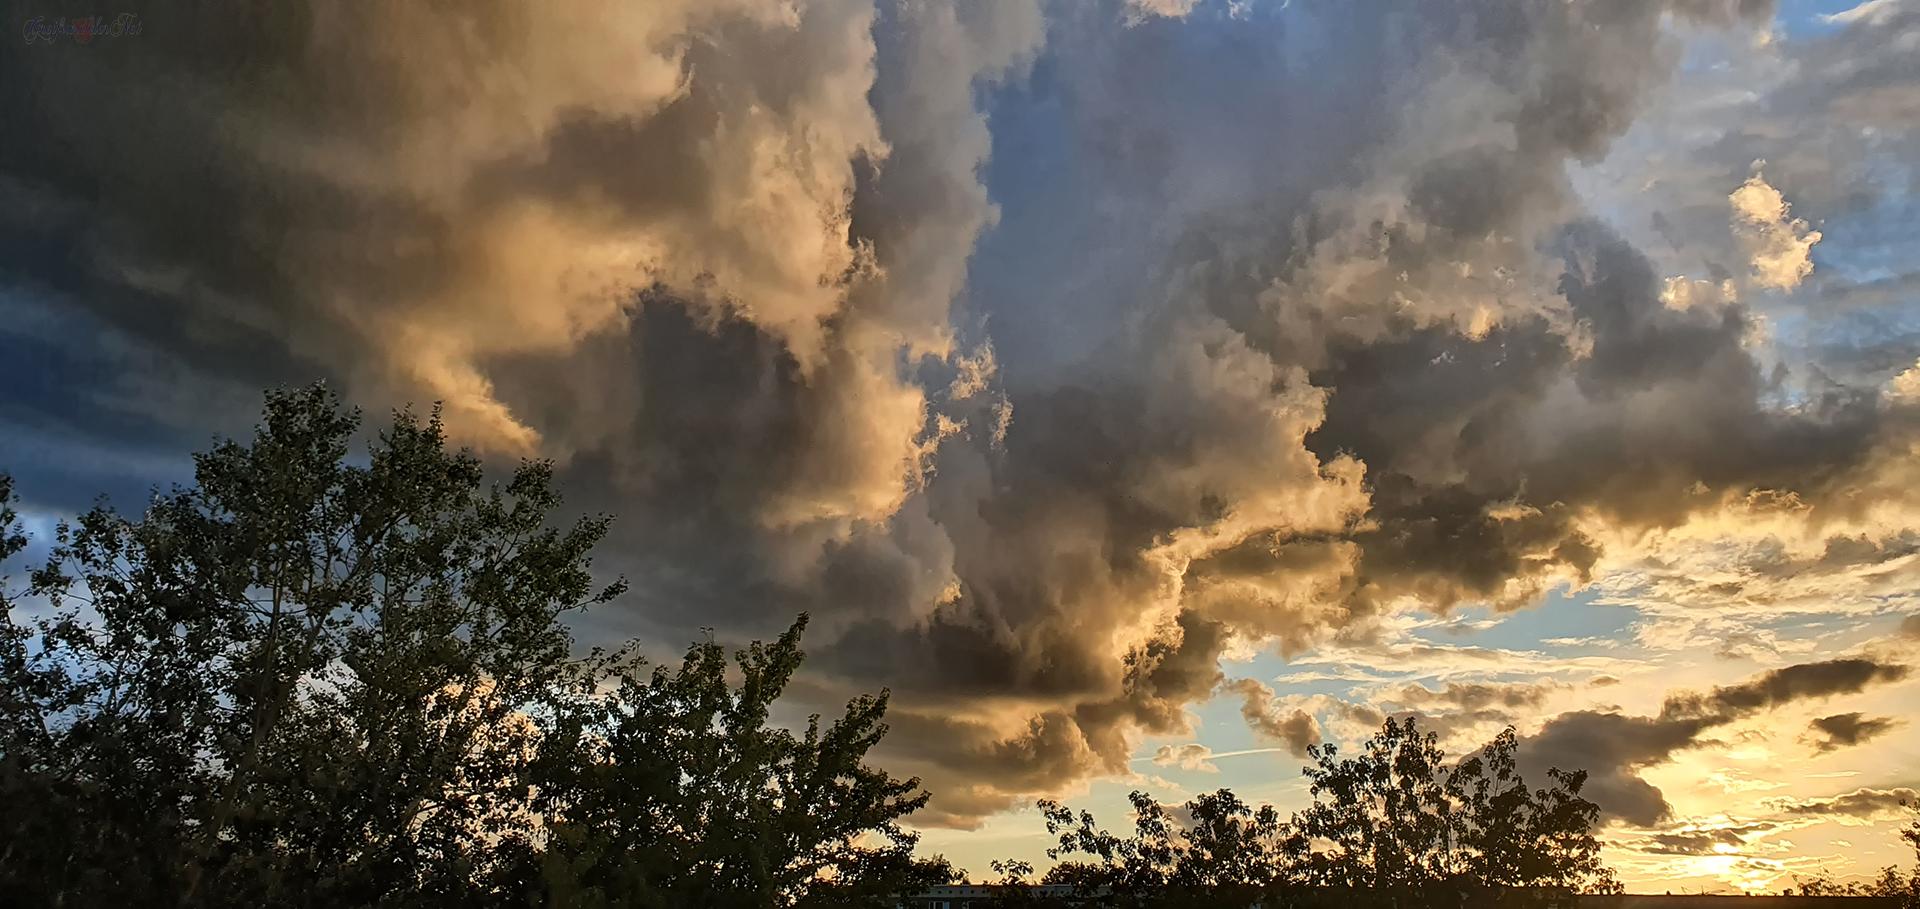 Wolkenformation kurz vor Sonnenuntergang in Greifswald